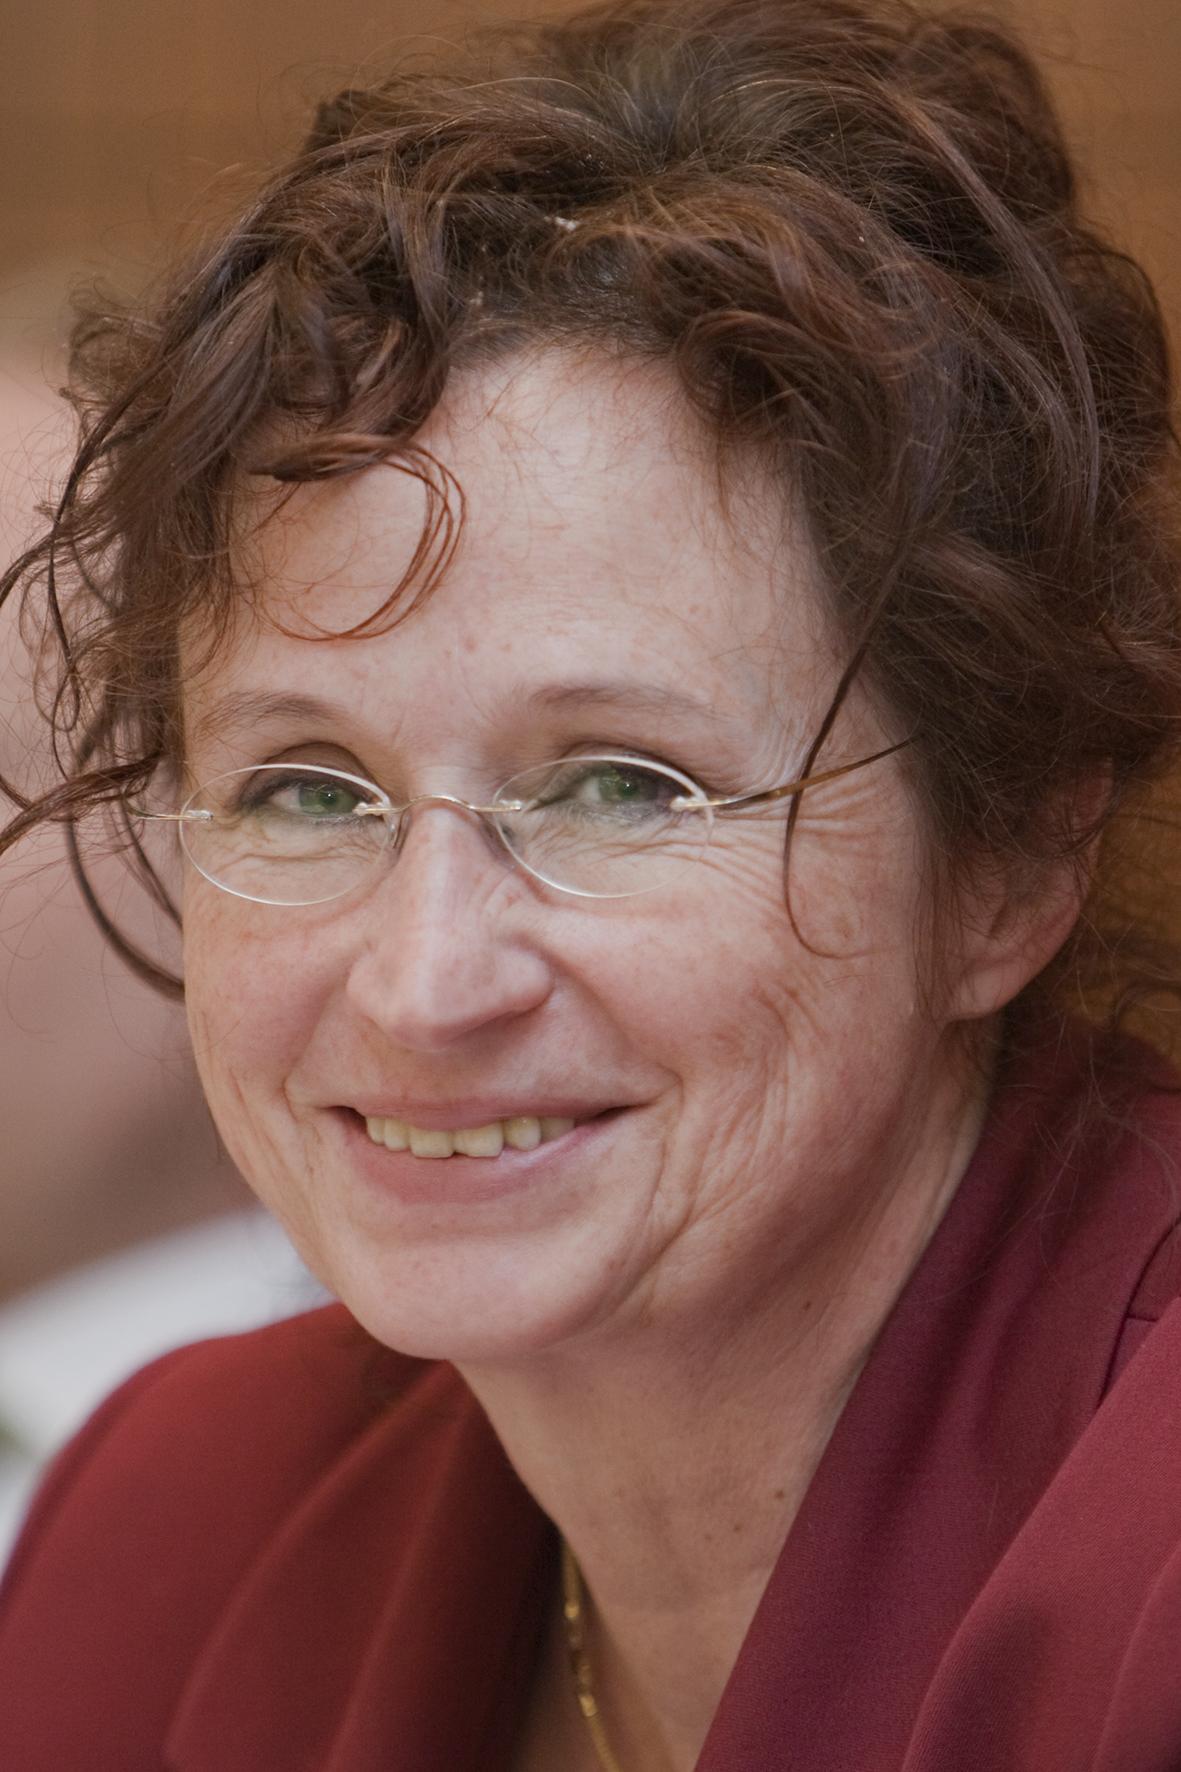 Dr. Christina Tophoven